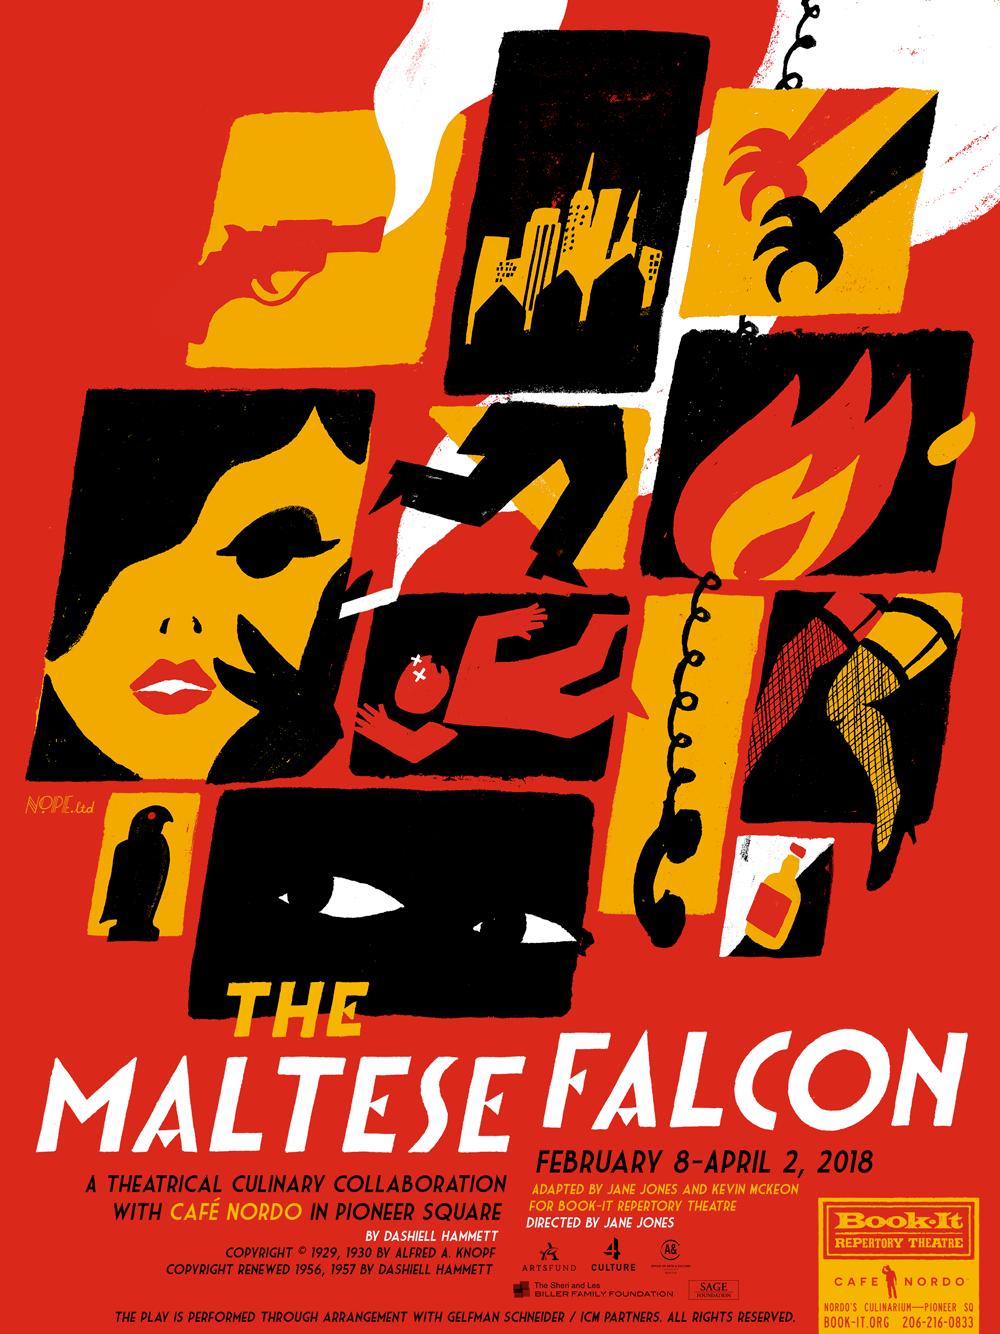 Maltese-Falcon-1000